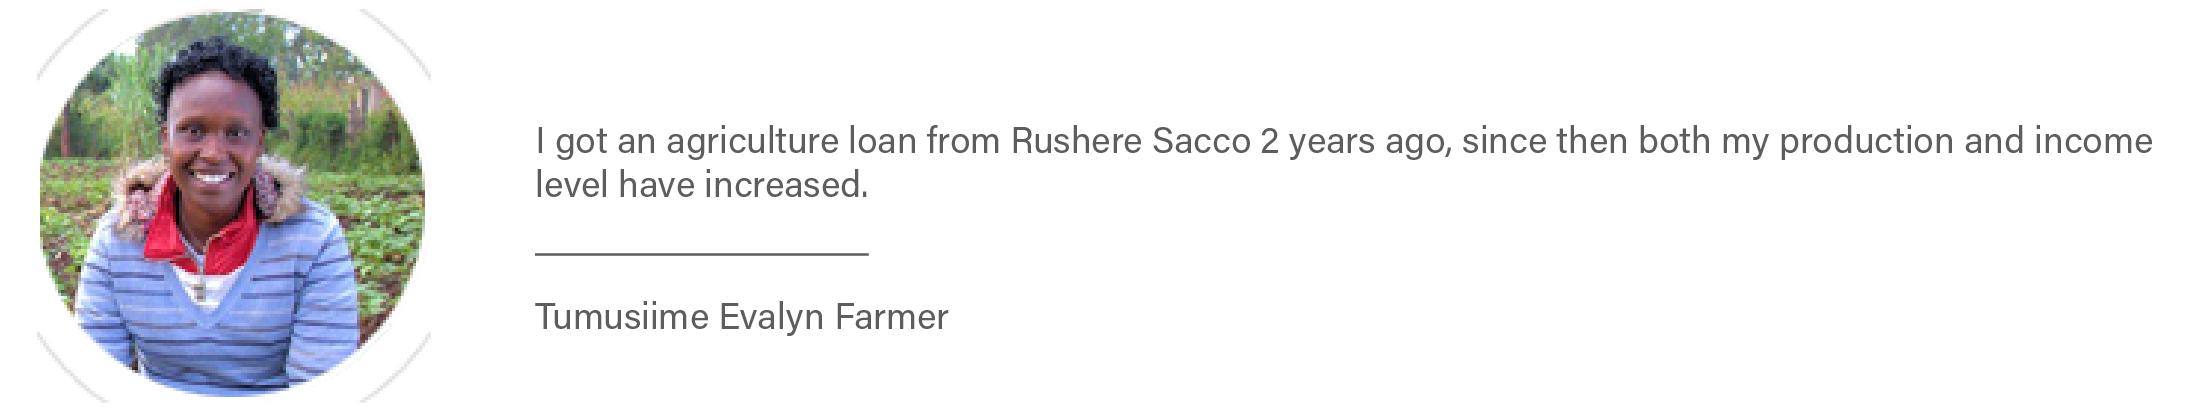 Rushere testimonial-01